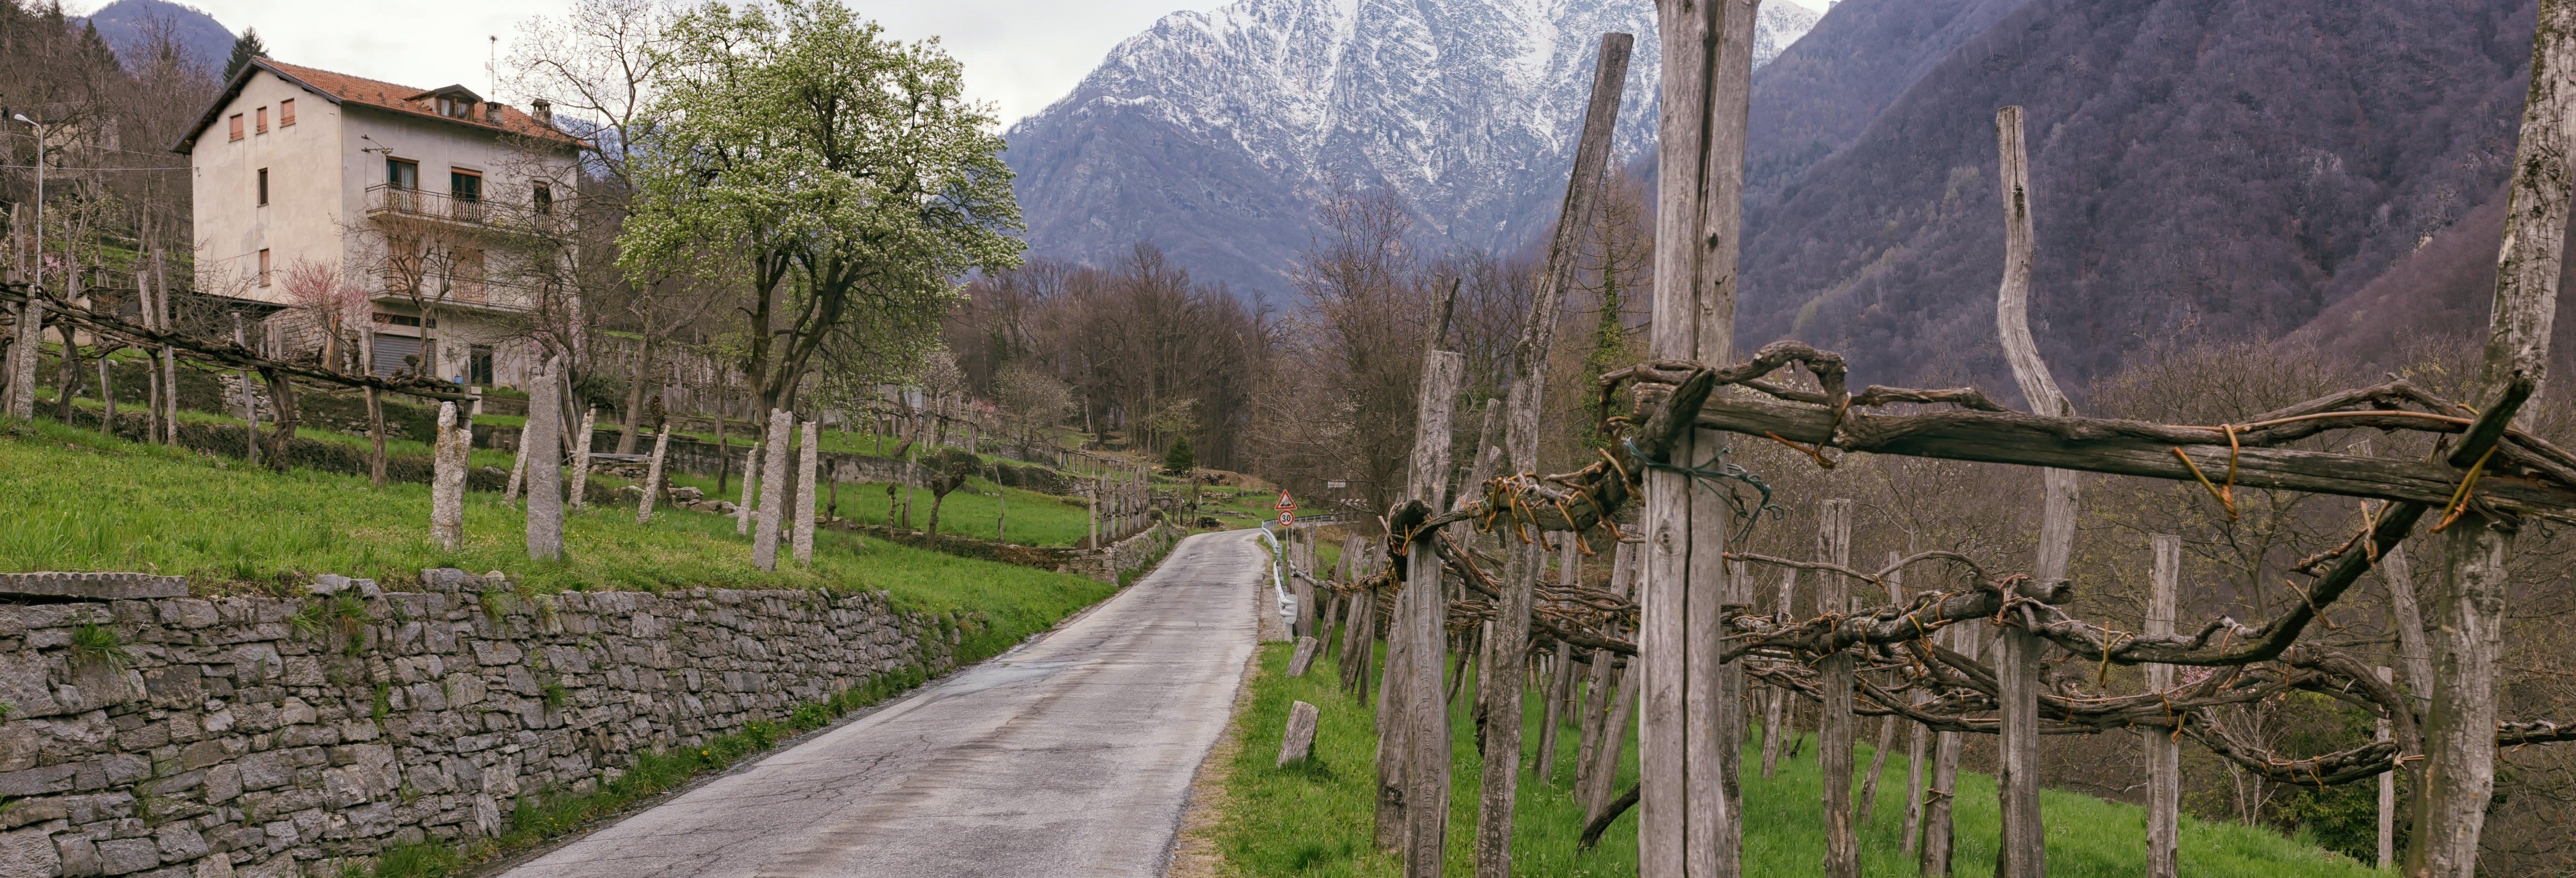 Senderismo por Montecrestese + Cata de vinos